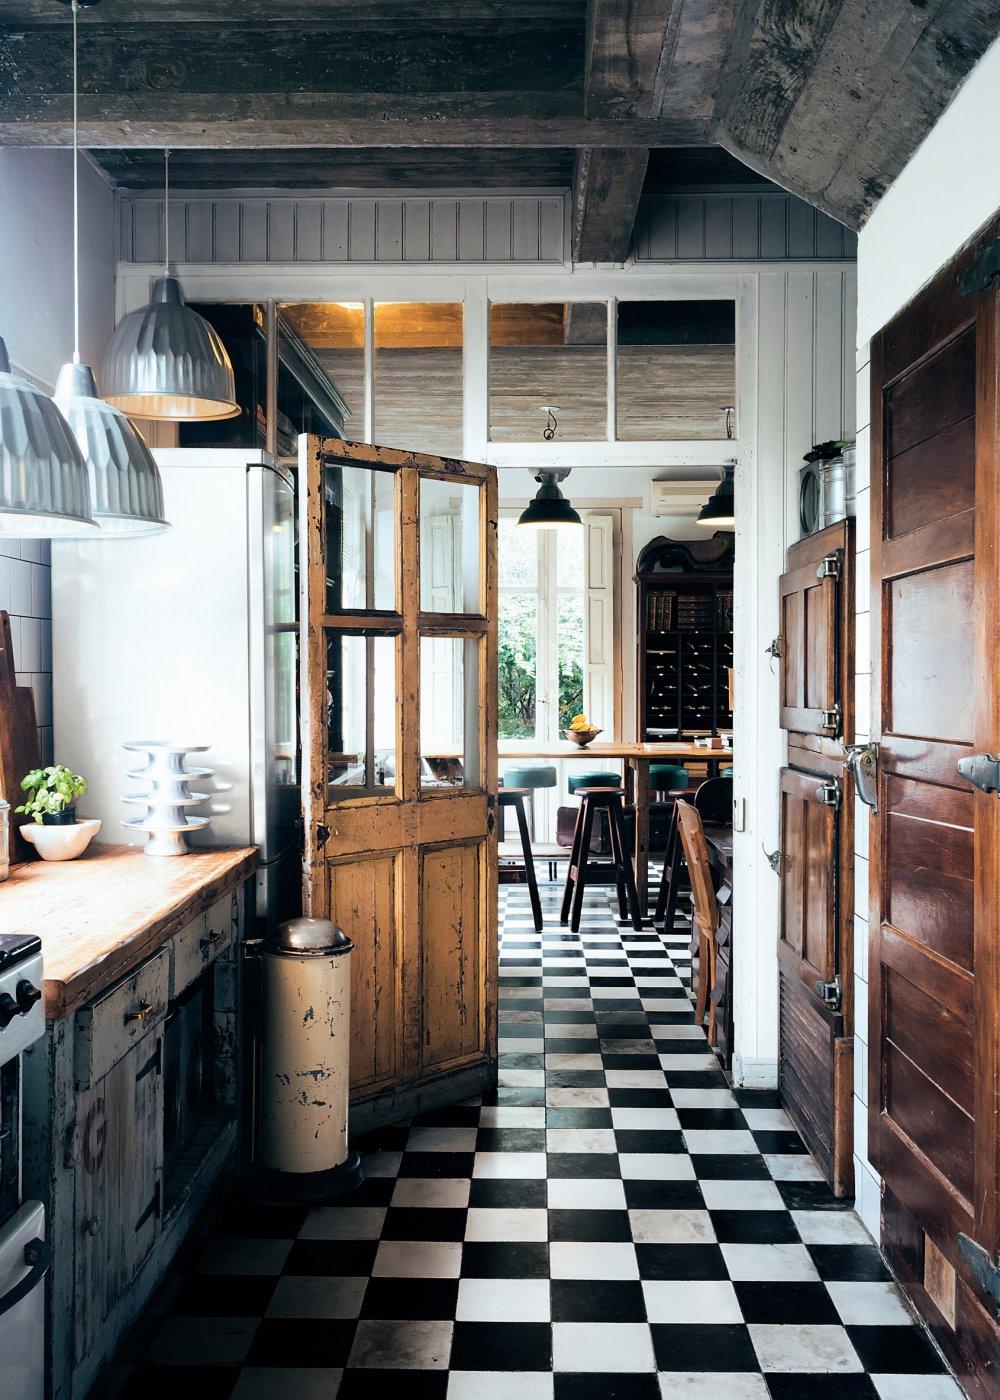 Modele de cuisine à l\'ancienne - Tout sur la cuisine et le mobilier ...